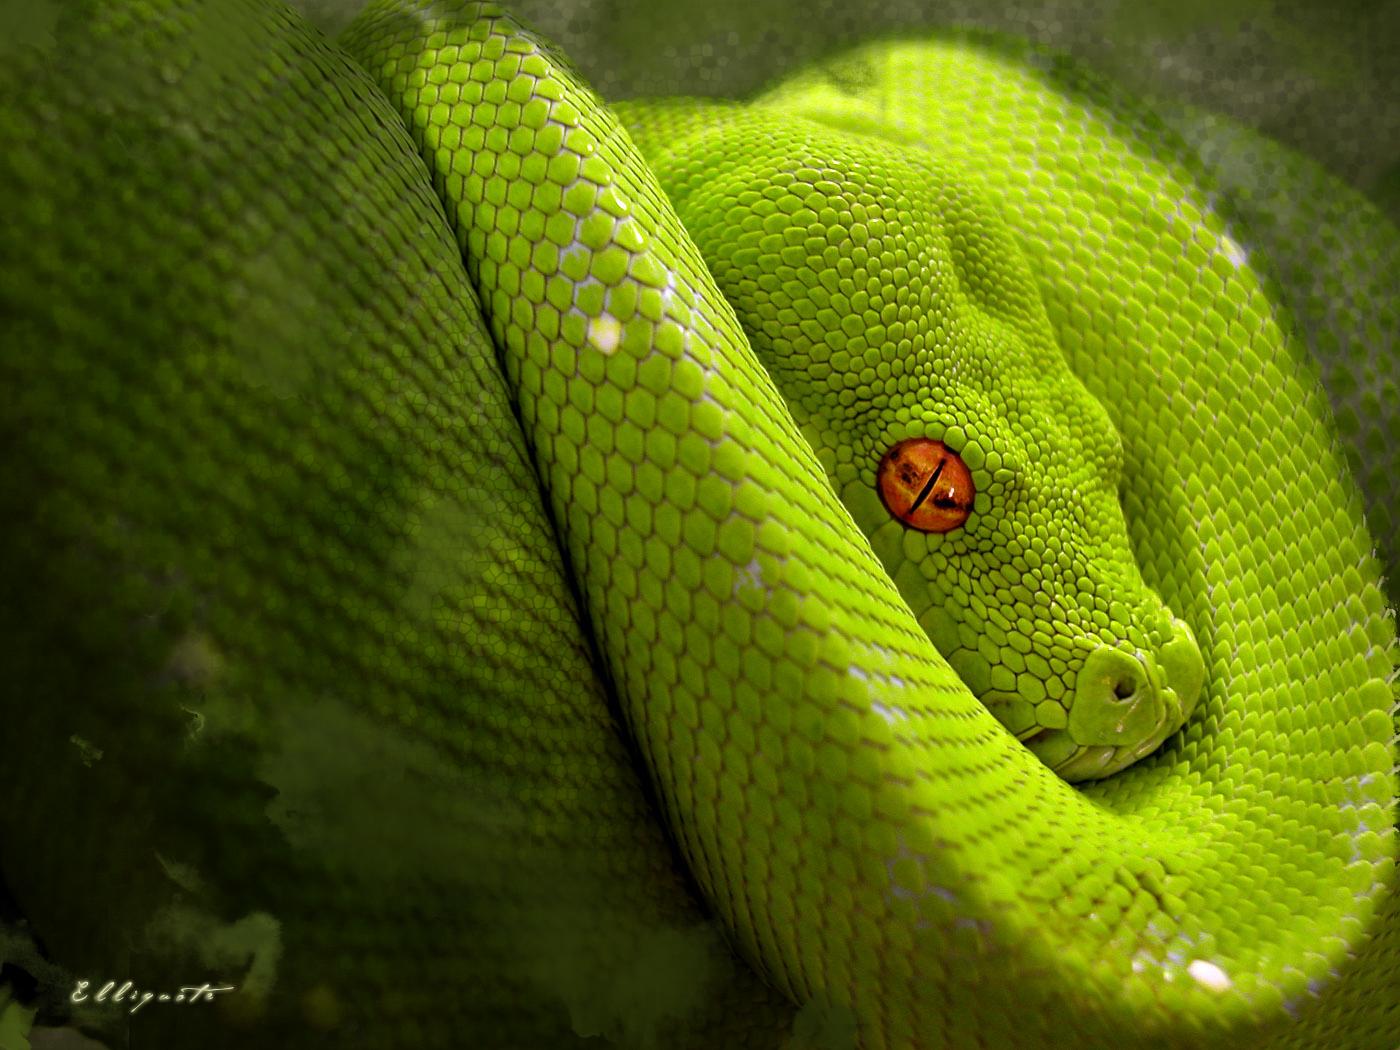 King Snake Hd Pictures Fantastic Snake Wallpaper: HD Wallpaper: Snake Hd Wallpapers